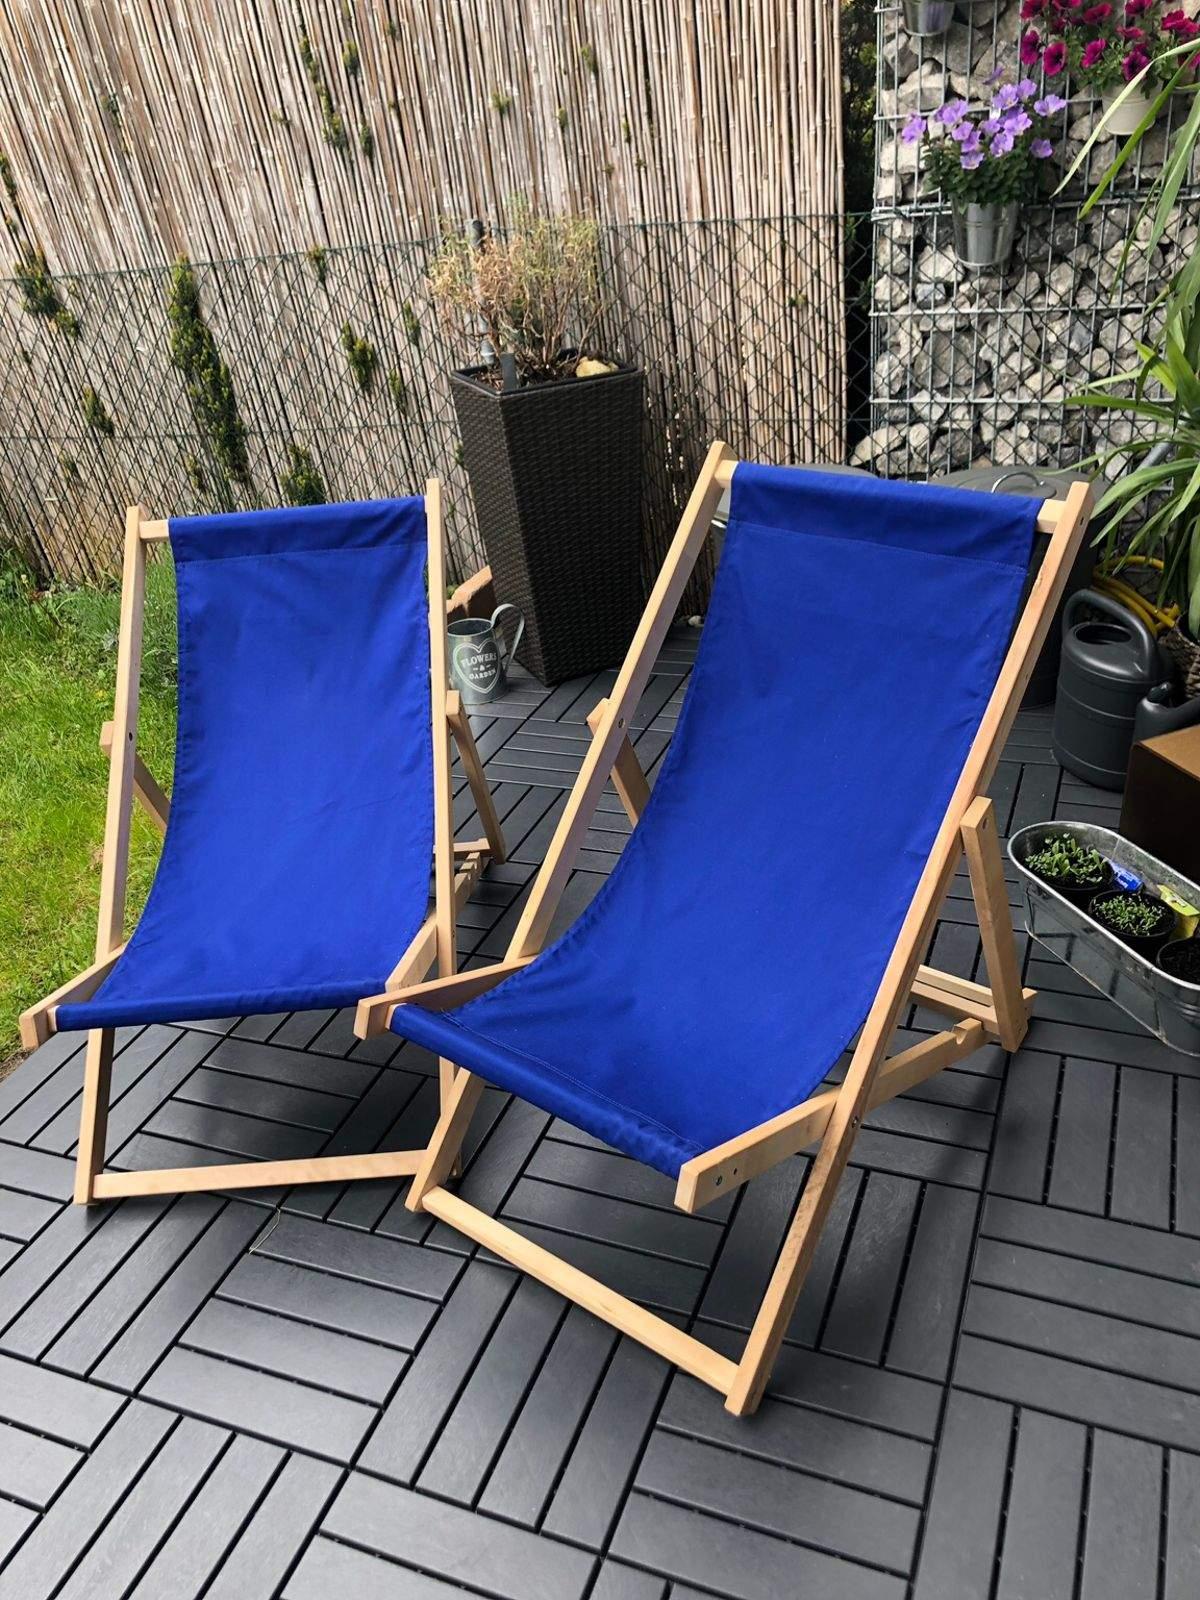 stapelstuhl garten alu inspirierend 2 liegestuhle fur garten od terrasse of stapelstuhl garten alu